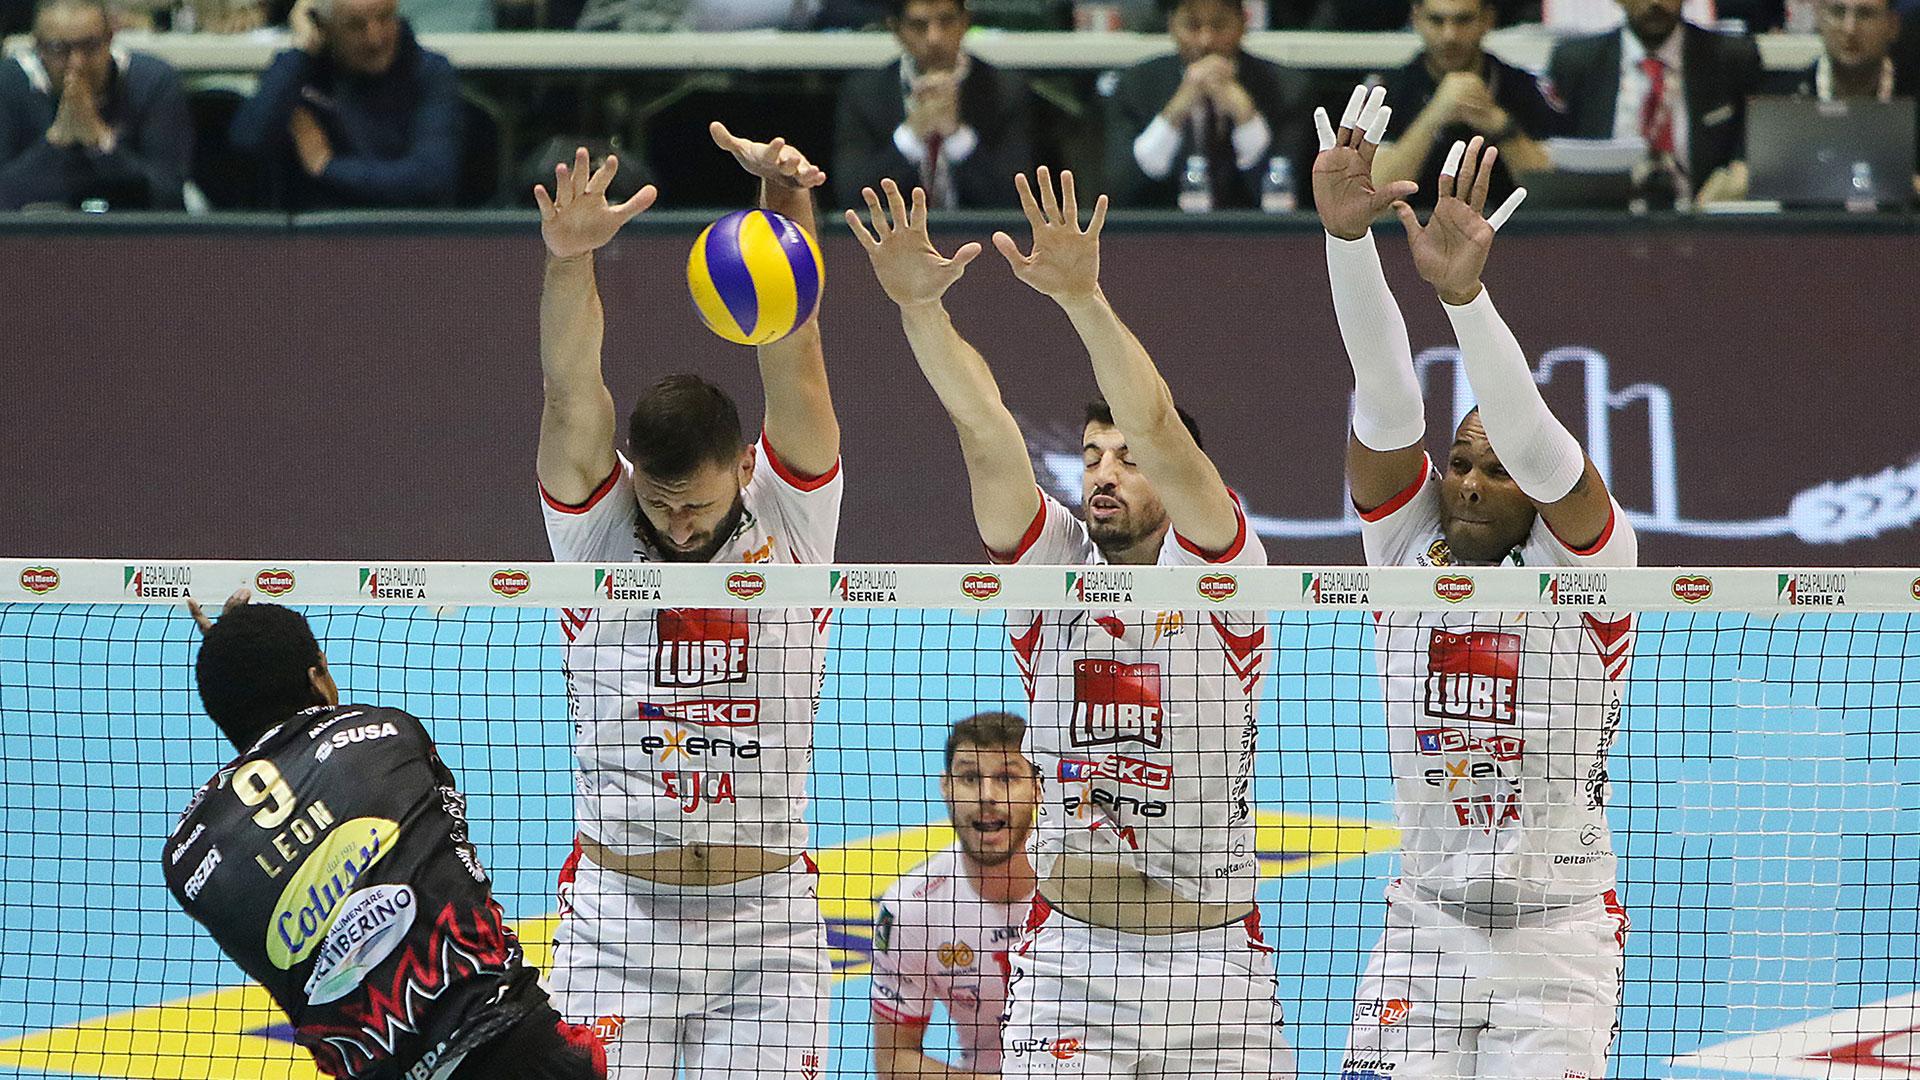 Lube battuta da Perugia in Coppa Italia, ancora una finale persa